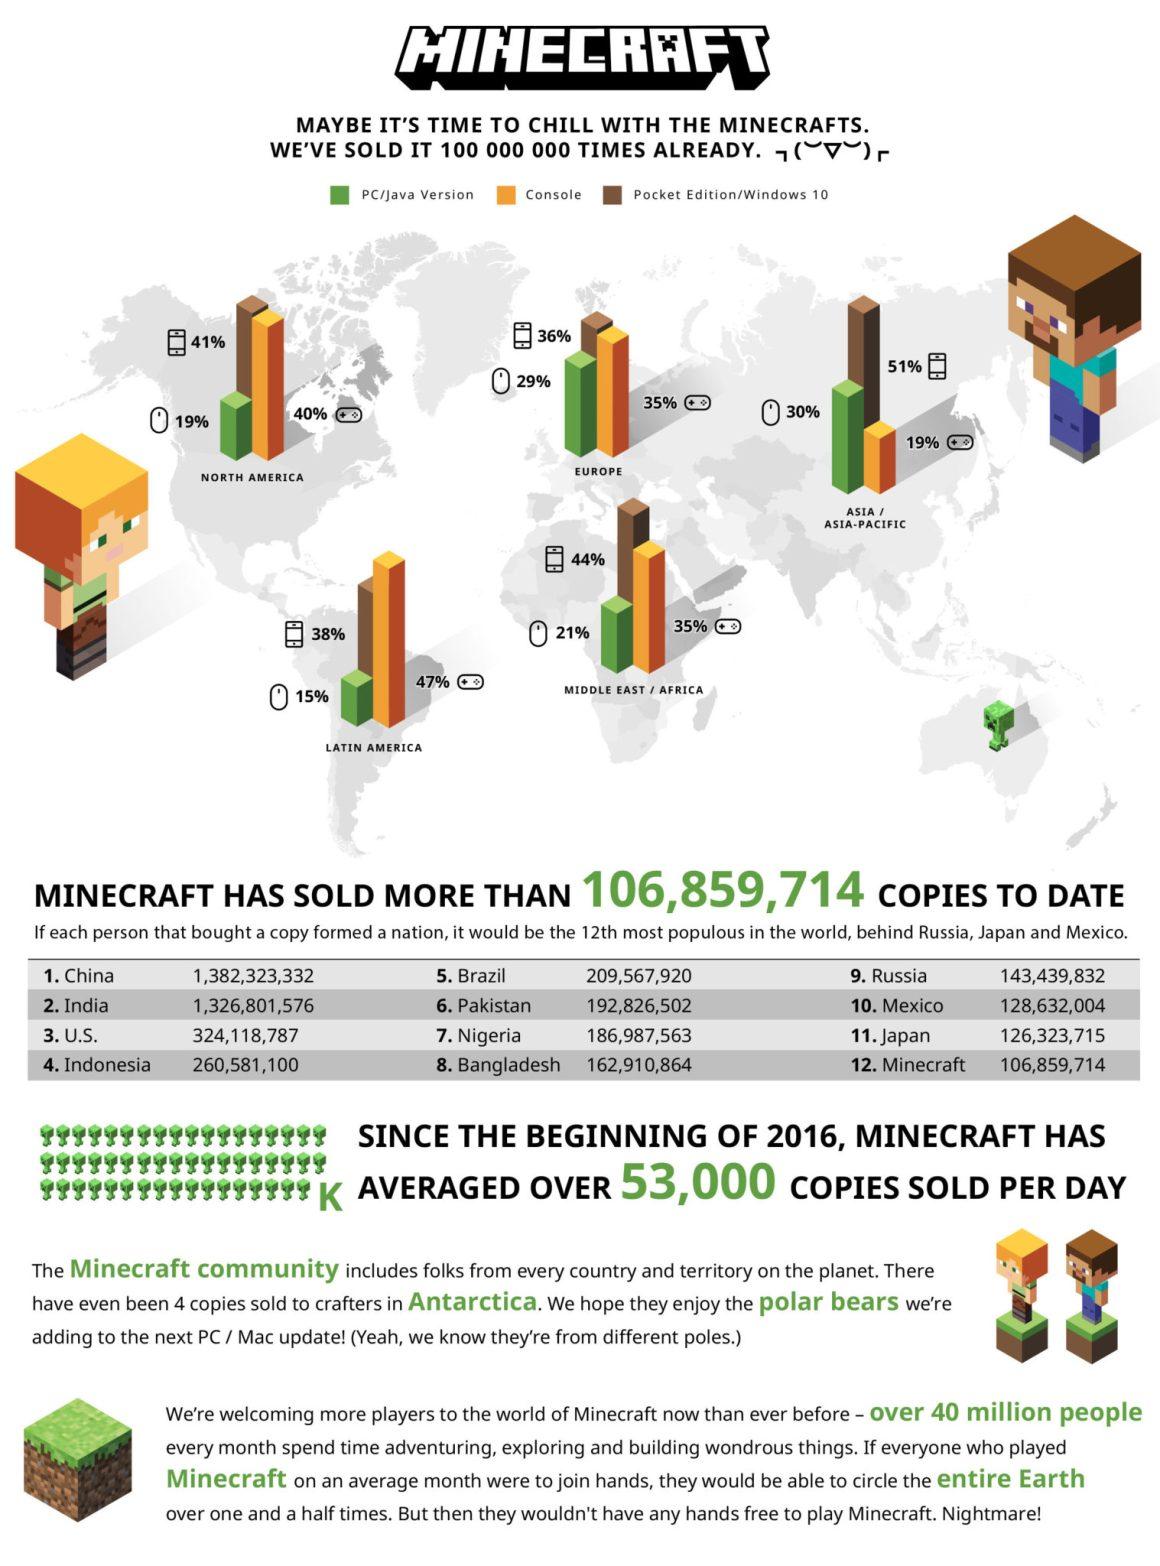 minecraft-cifras-estadisticas-ventas-usuarios-jugadores-100-millones-copias-vendidas-promedio-diario-mojang-microsoft-1